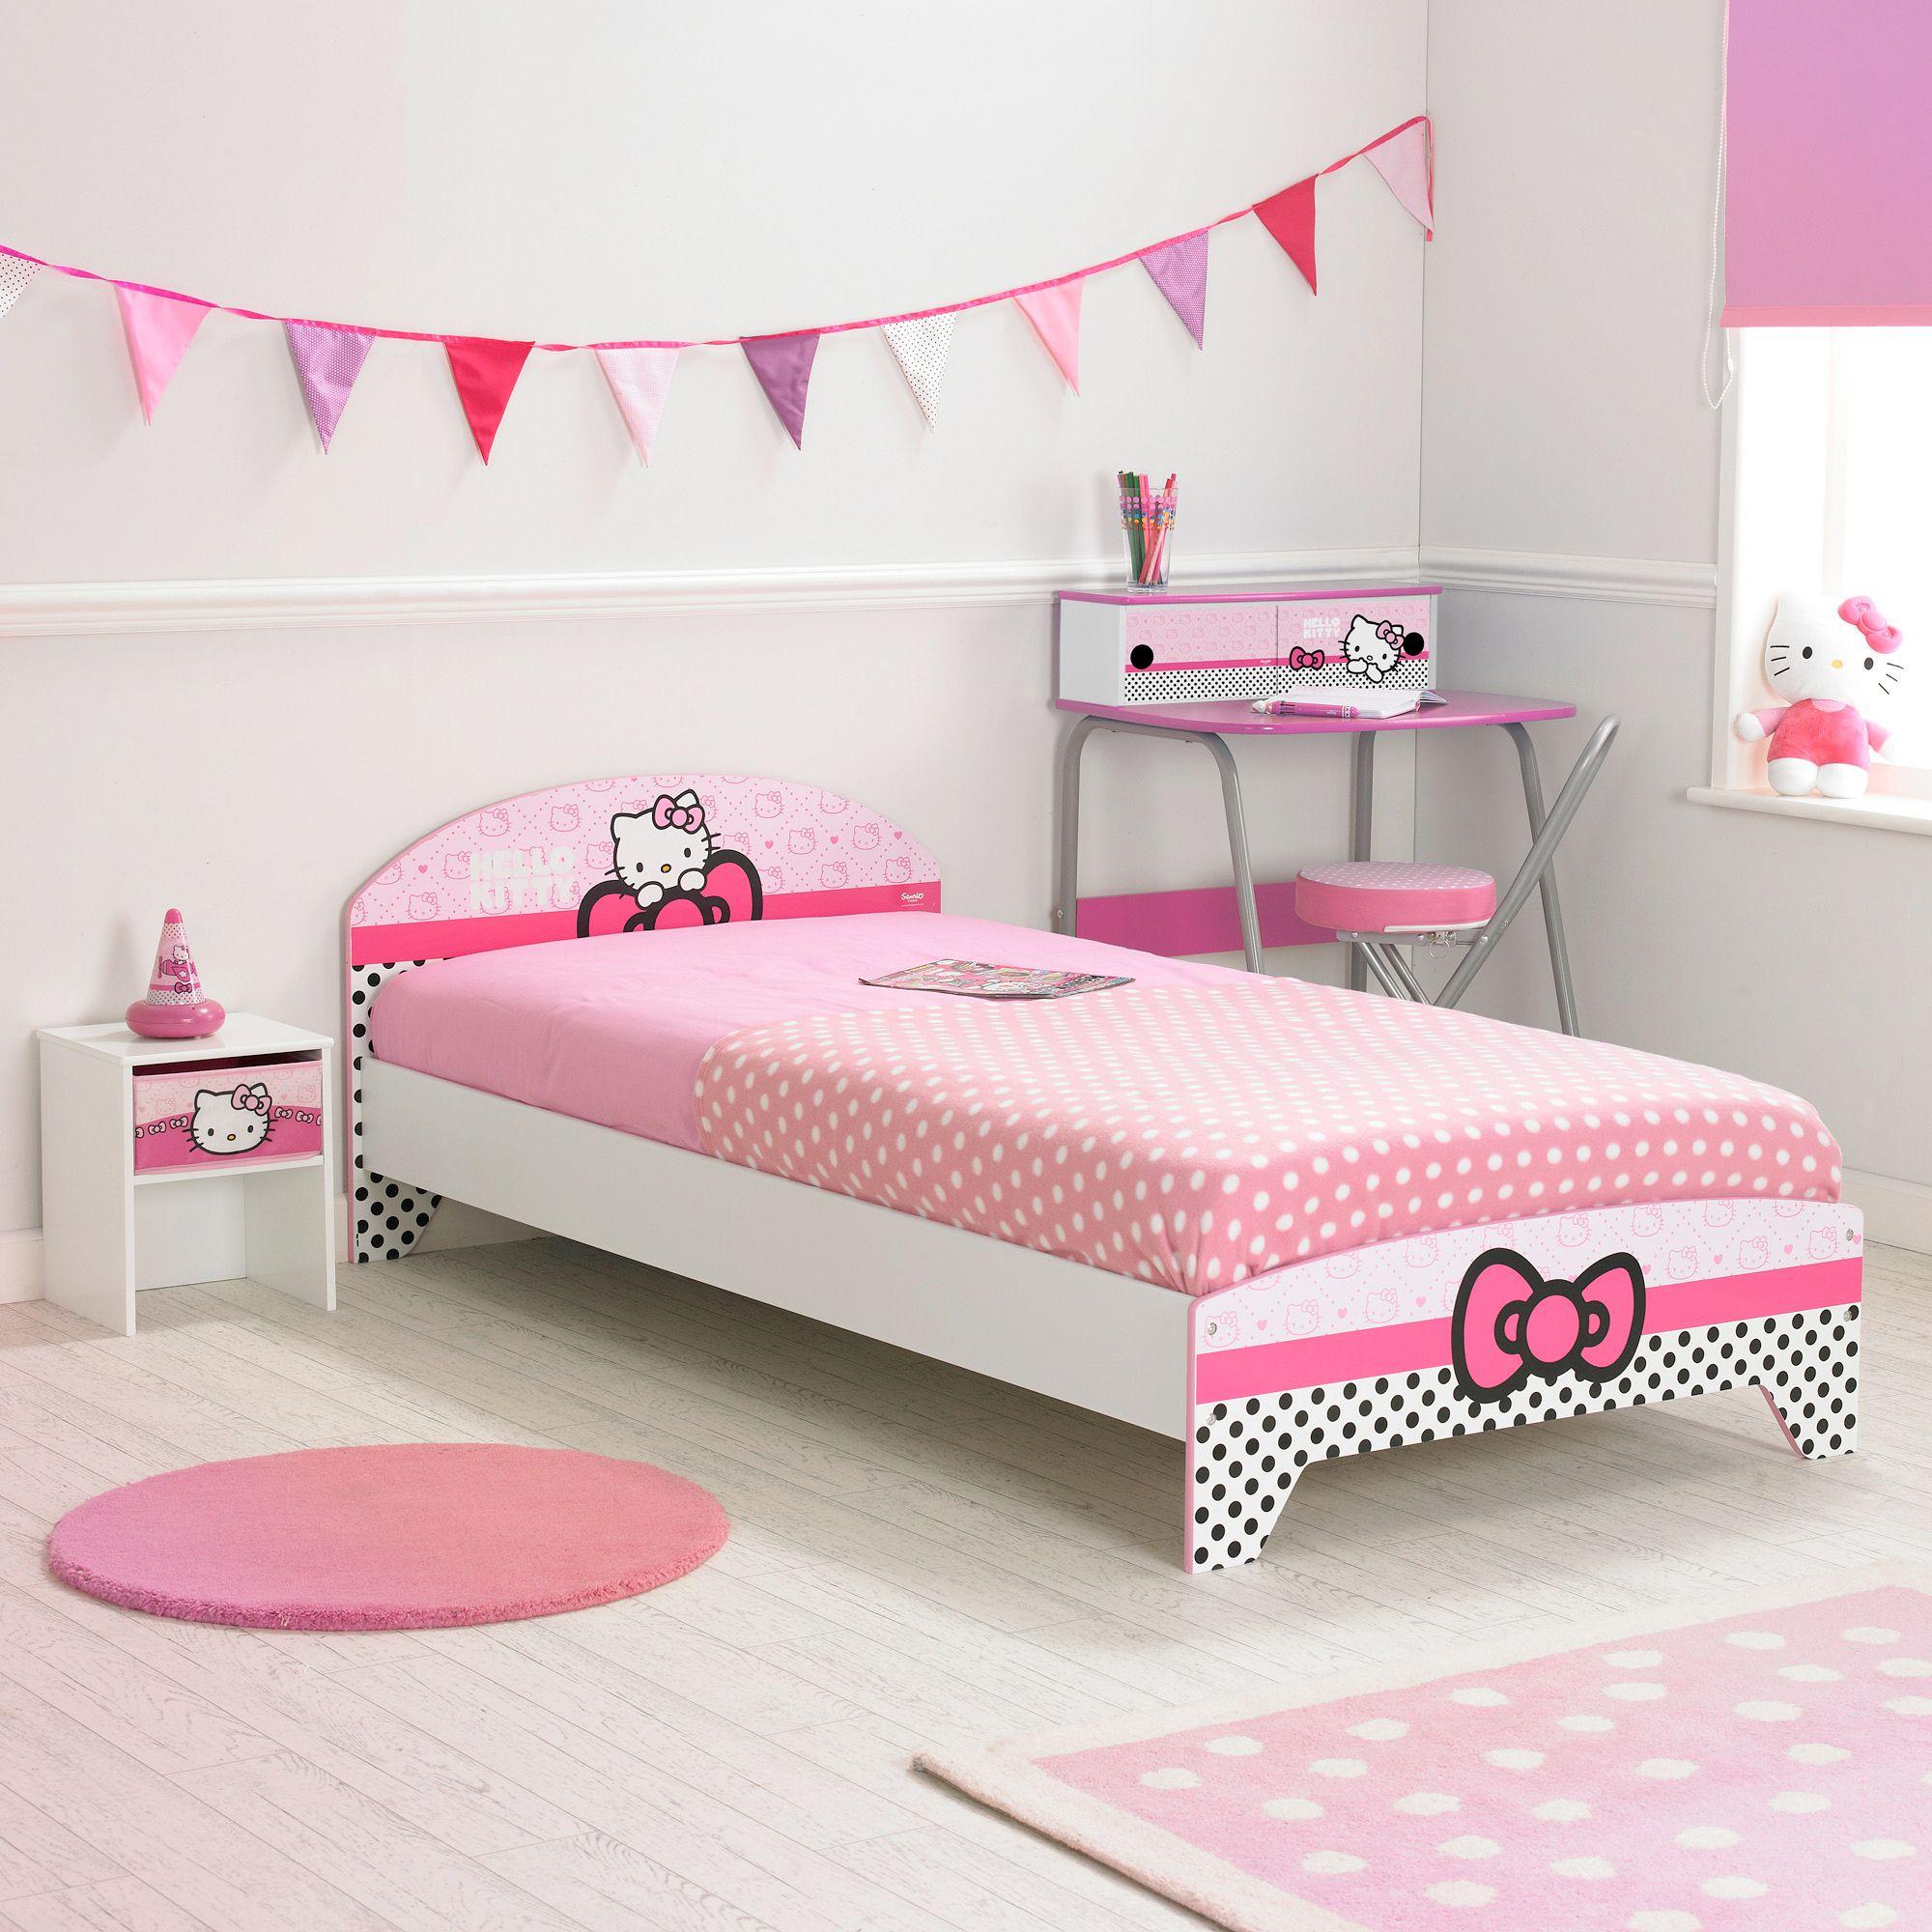 La Maison De Valerie Lit 90 X 190 Cm Hello Kitty Prix 125 99 Euros Iziva Com Lit Bois Lit Enfant Vertbaudet Idees De Meubles